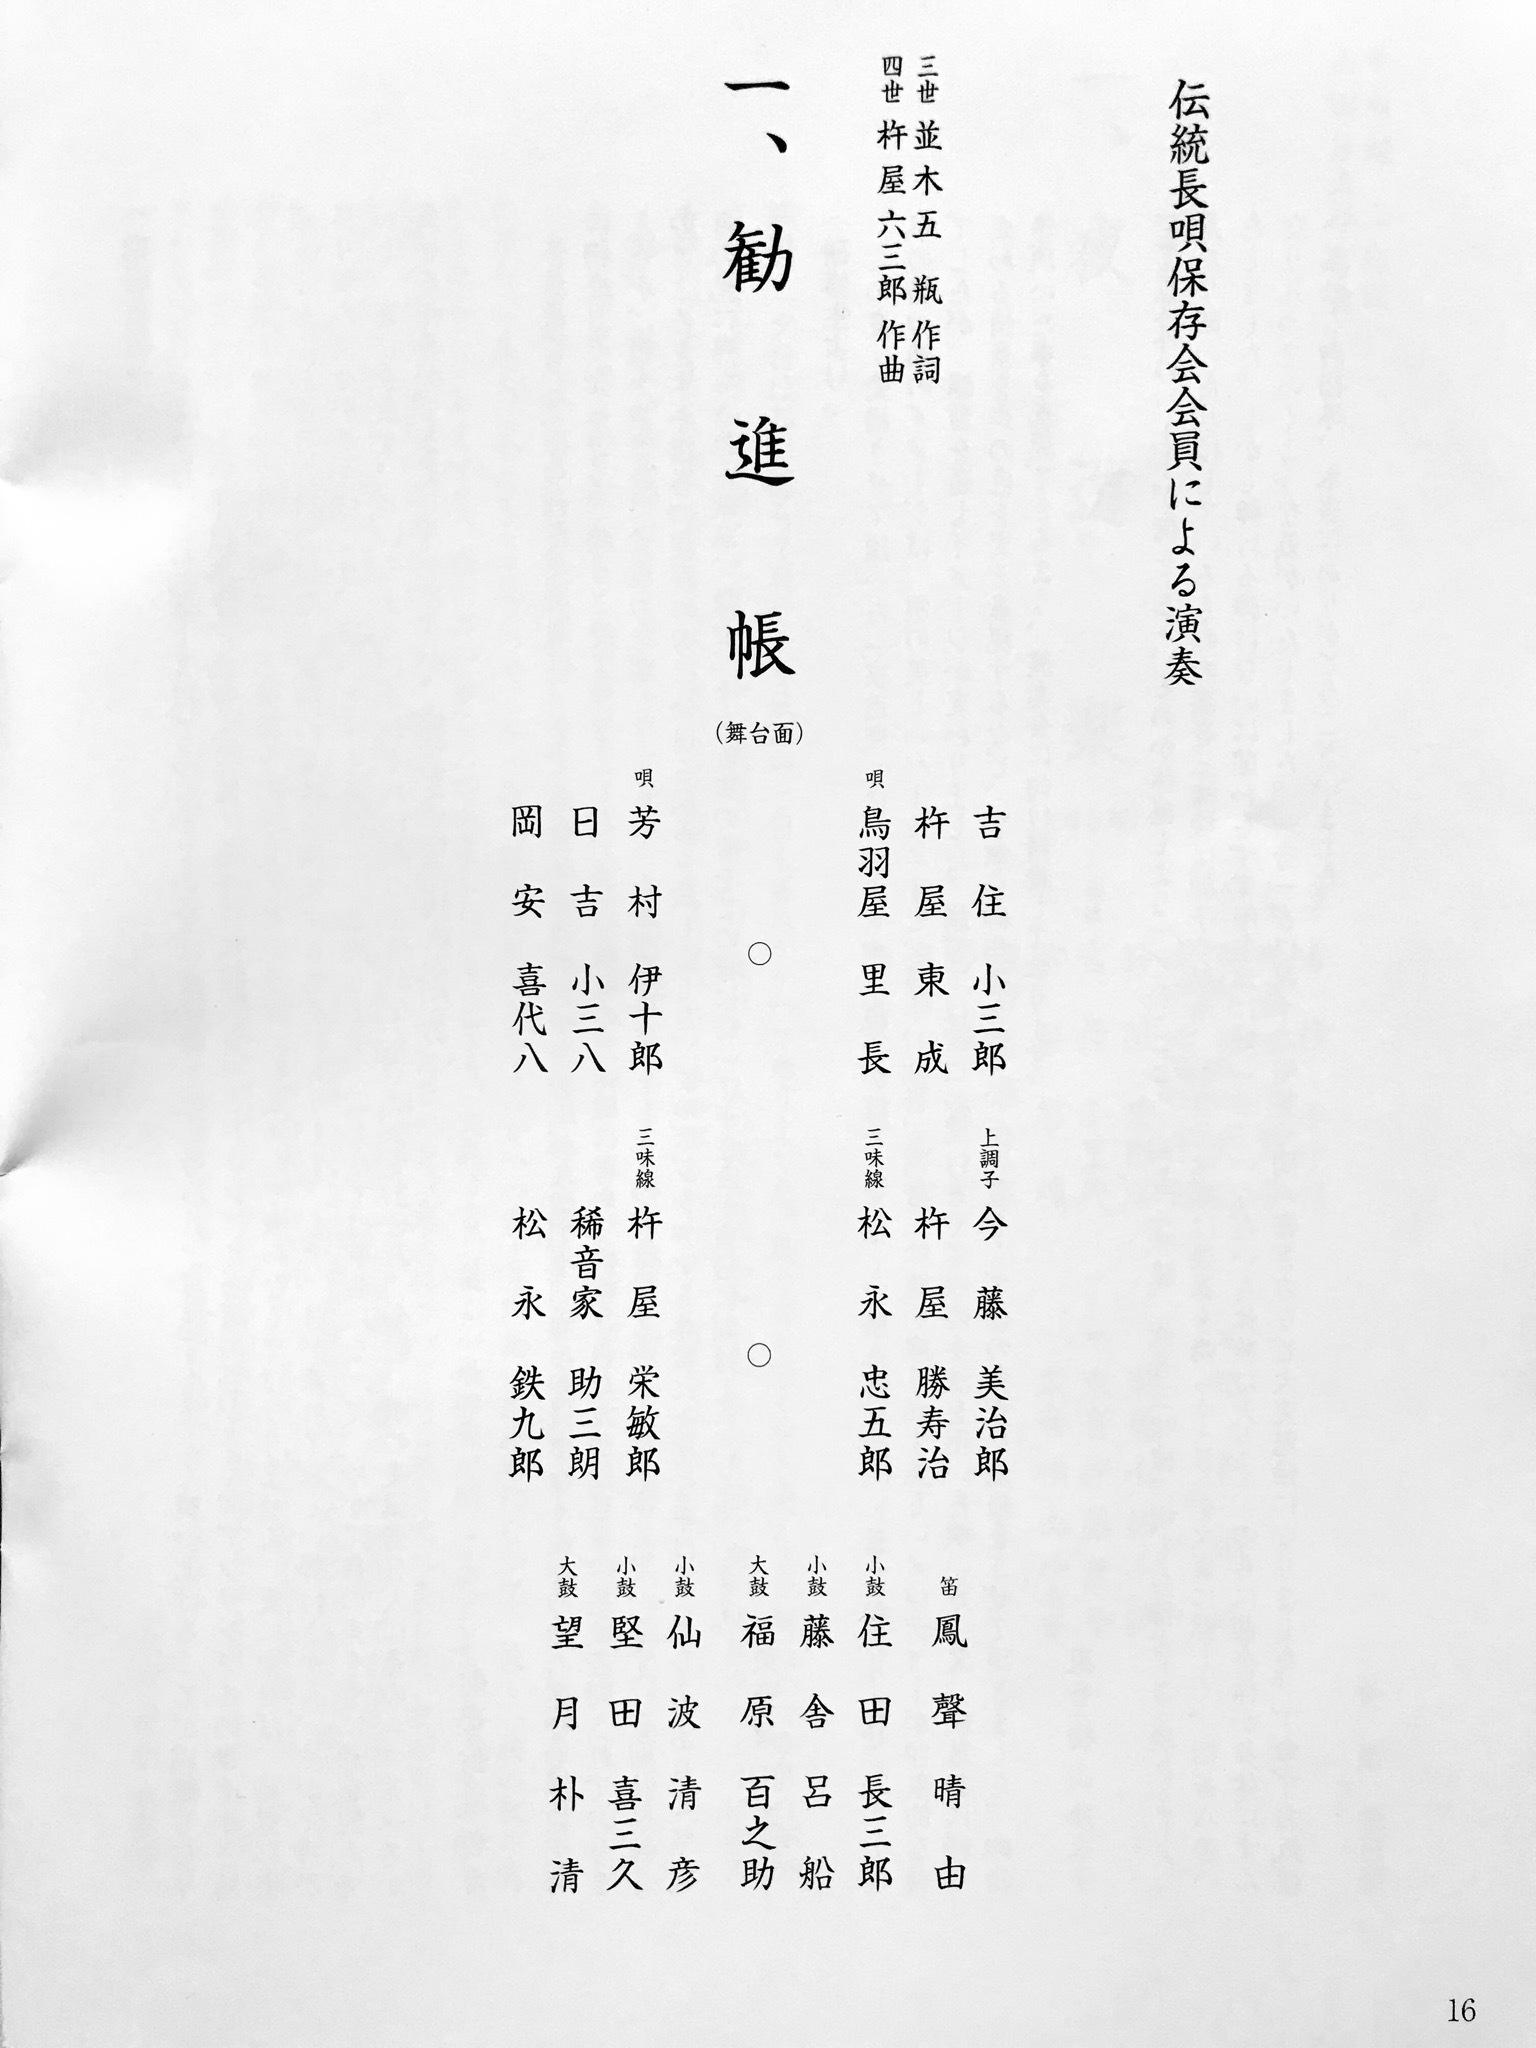 【邦楽キナコ録 25】篠笛はじめました。_f0115311_06043974.jpeg